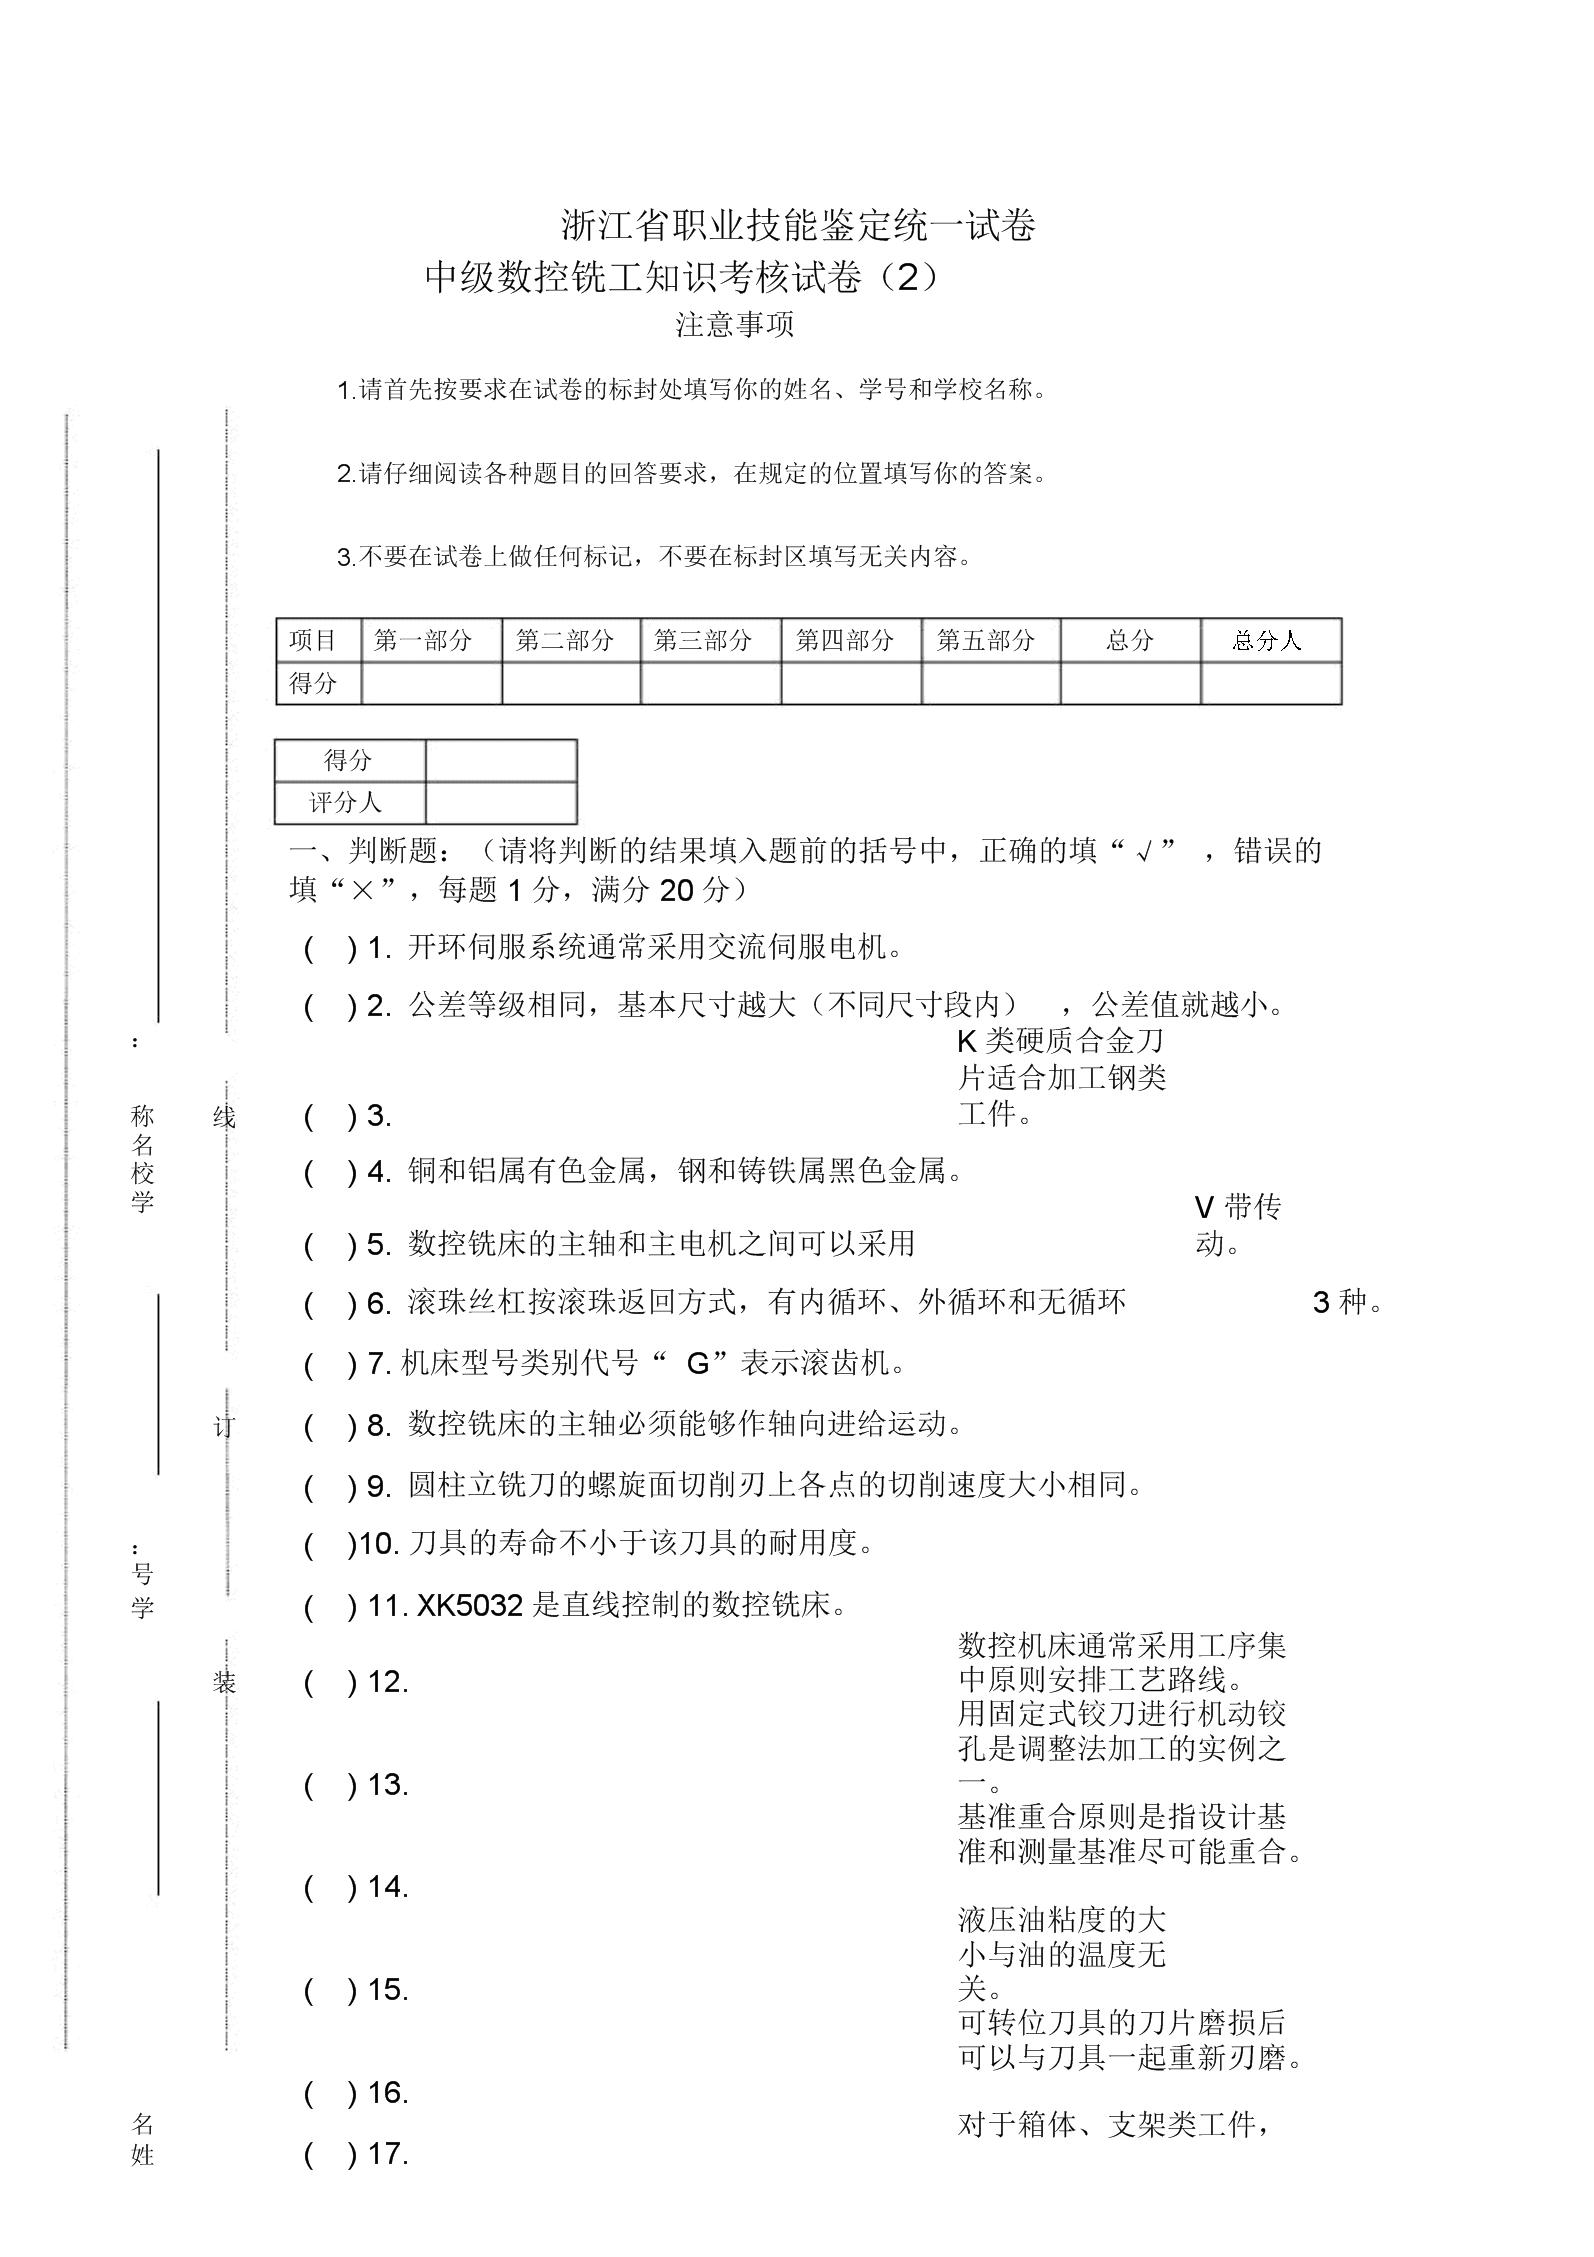 数控加工中级数控铣工知识试卷及答案20201024195946.docx